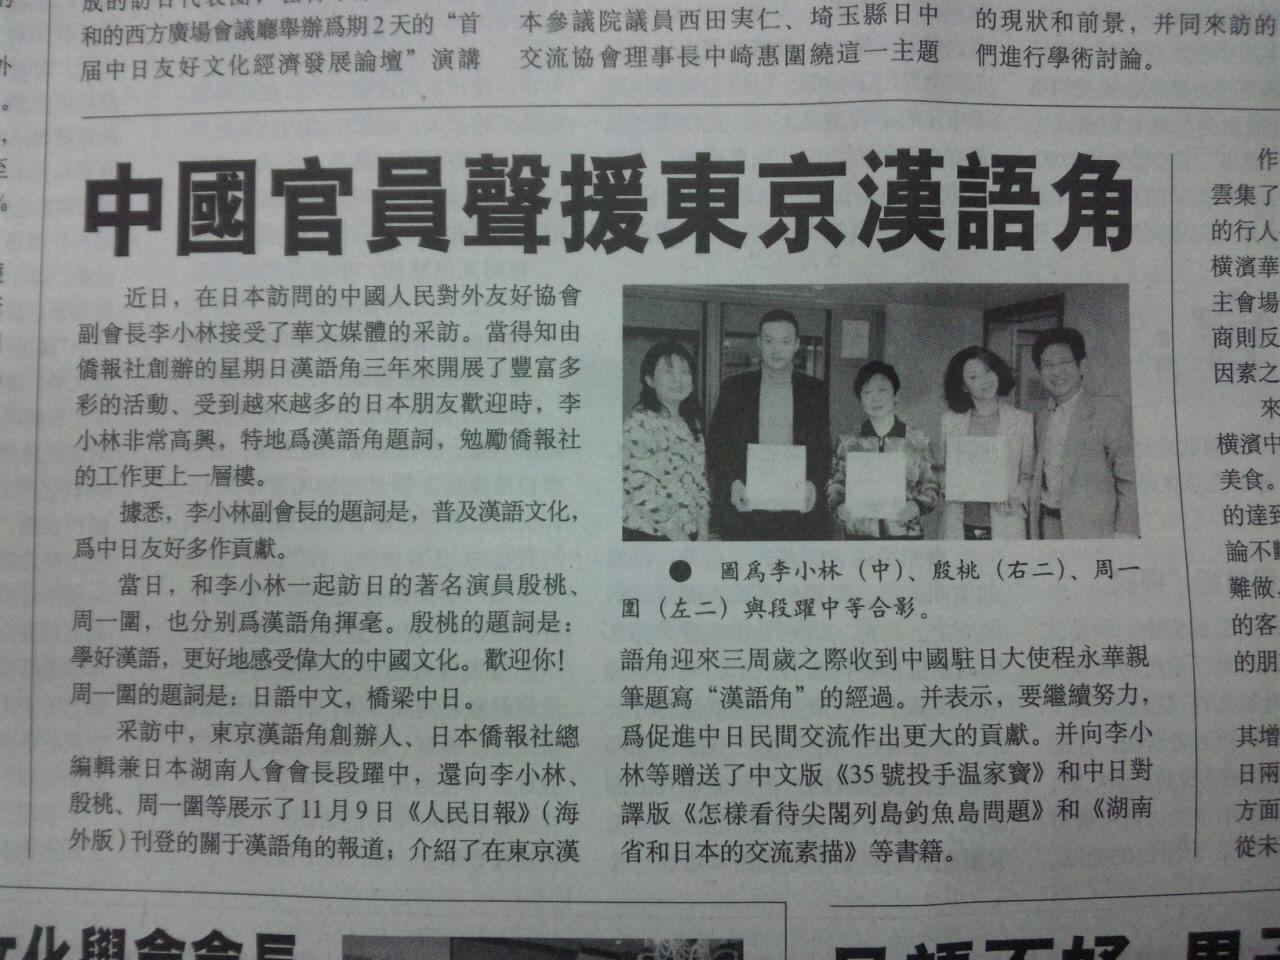 李小林殷桃周一围声援东京汉语角の記事 新華時報に転載_d0027795_17514243.jpg